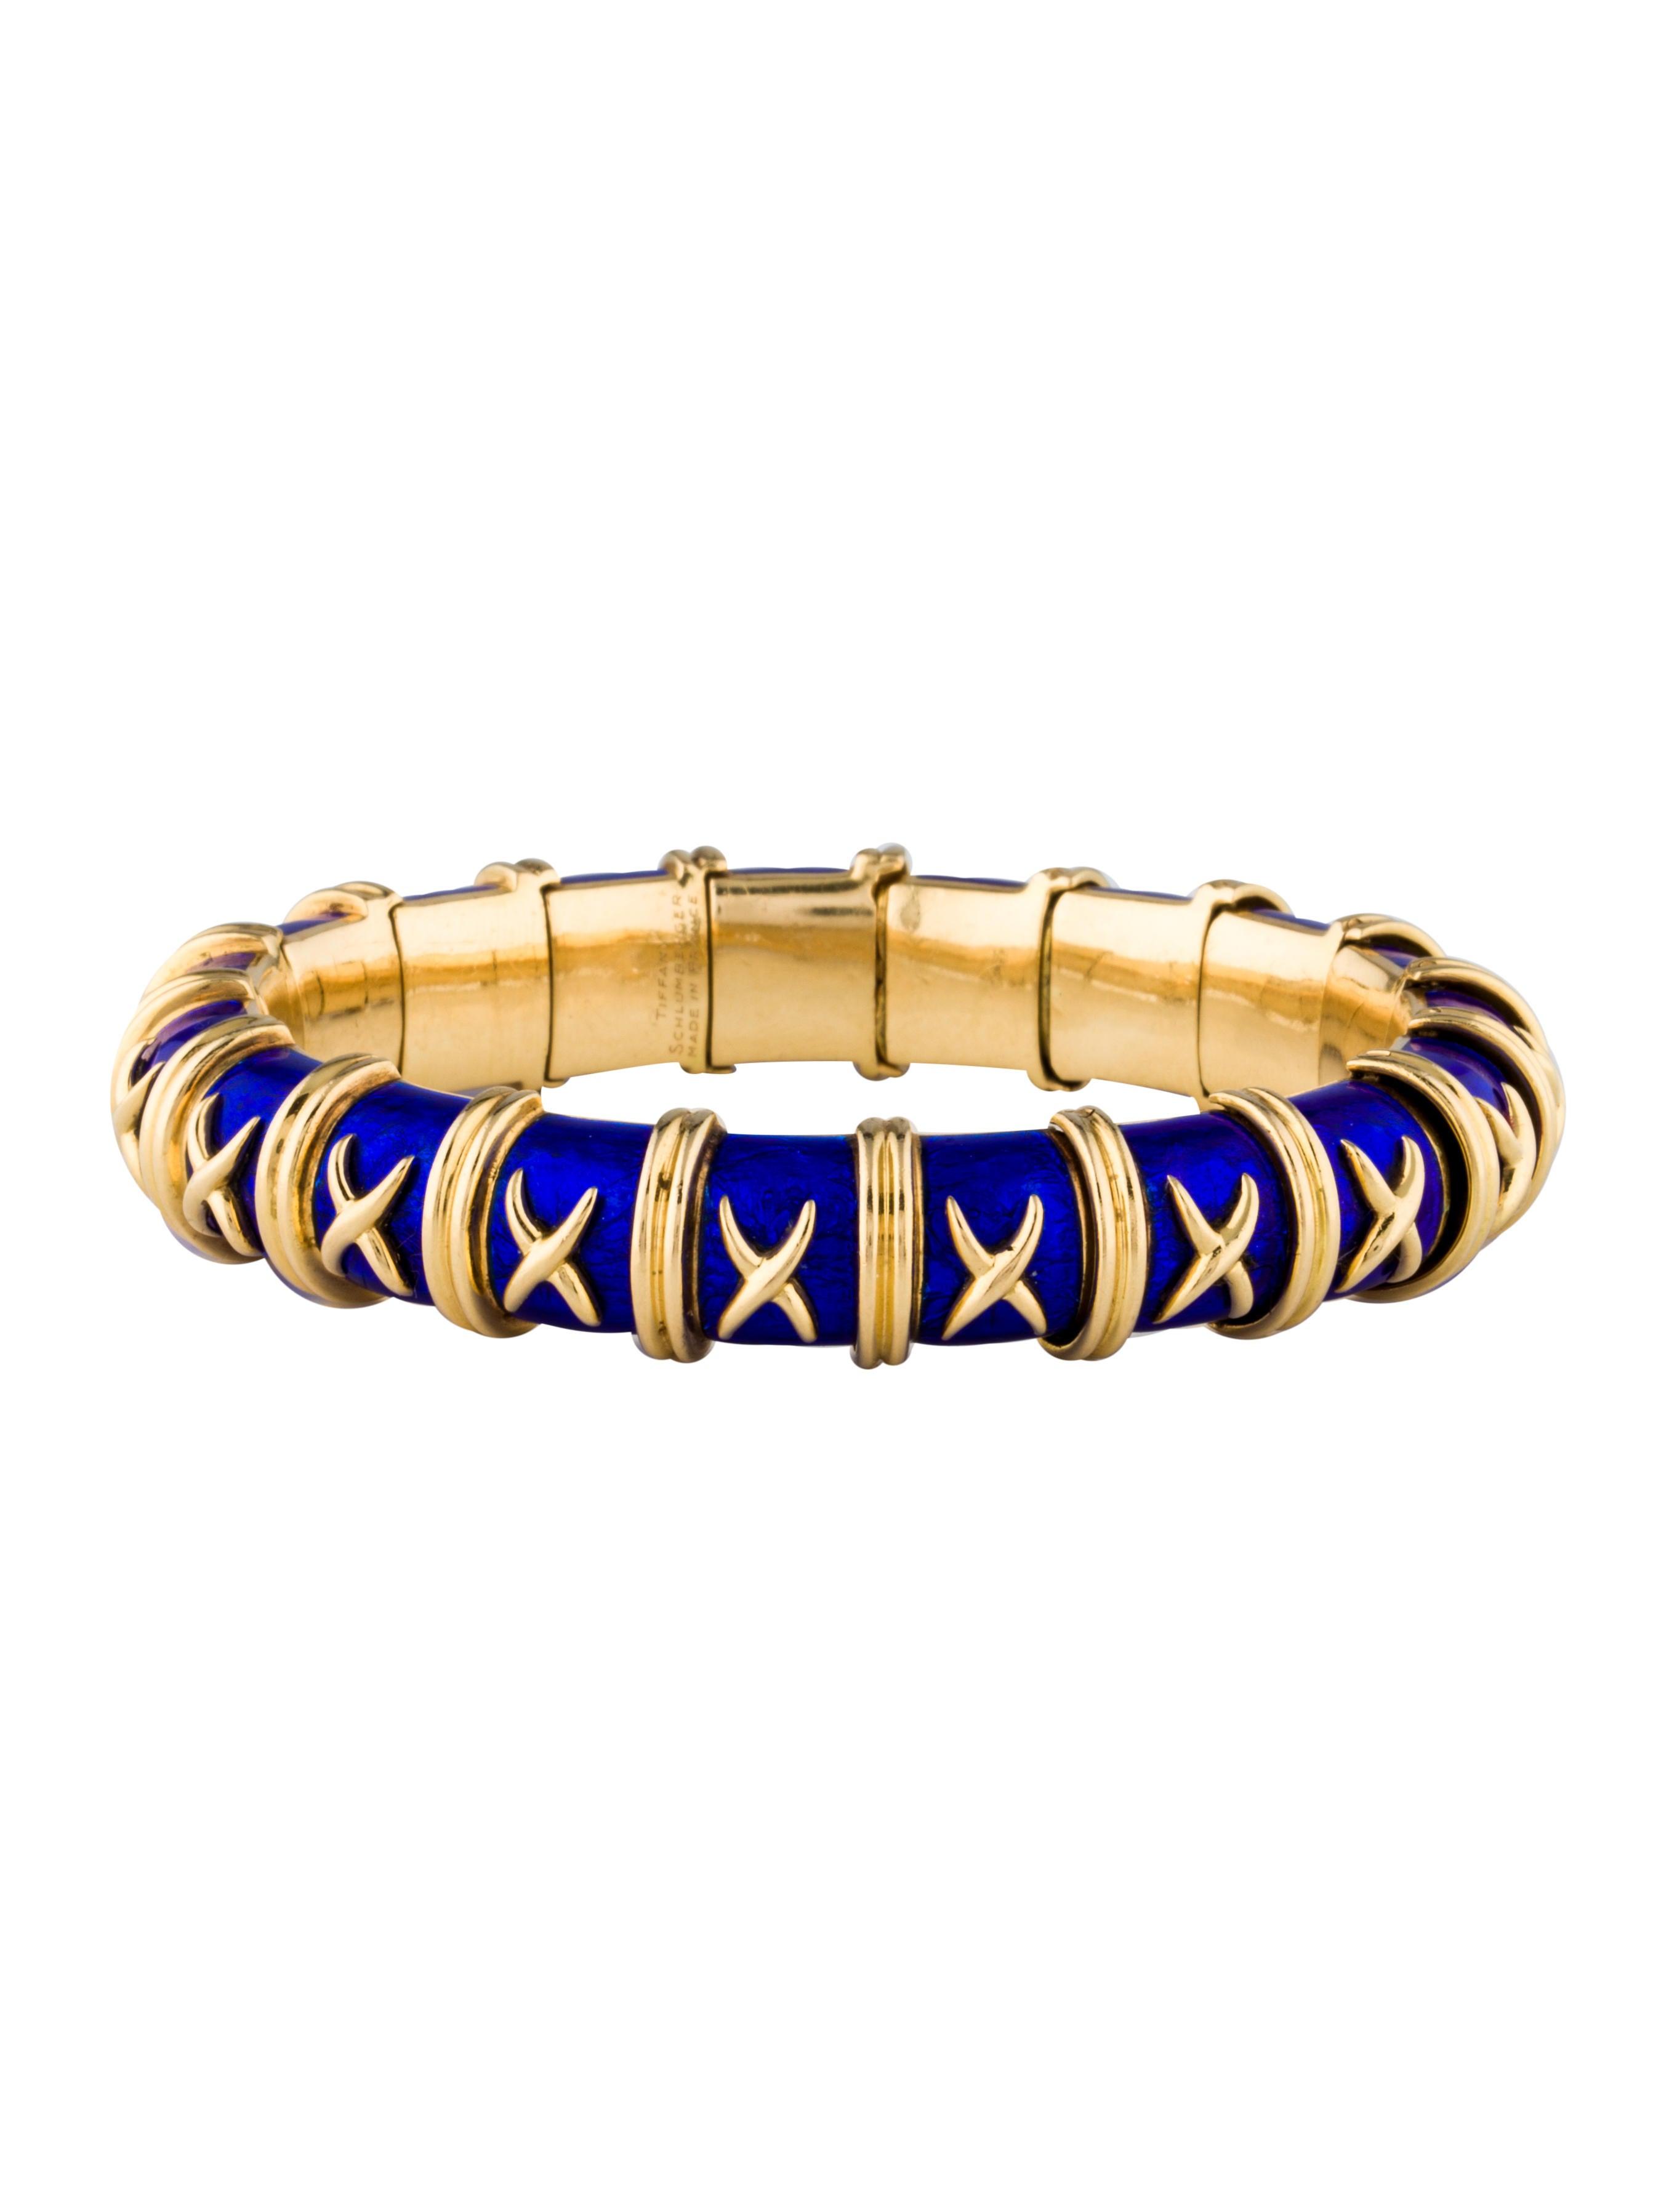 c391f04ff Tiffany & Co. Schlumberger Croisillon Bracelet - Bracelets ...